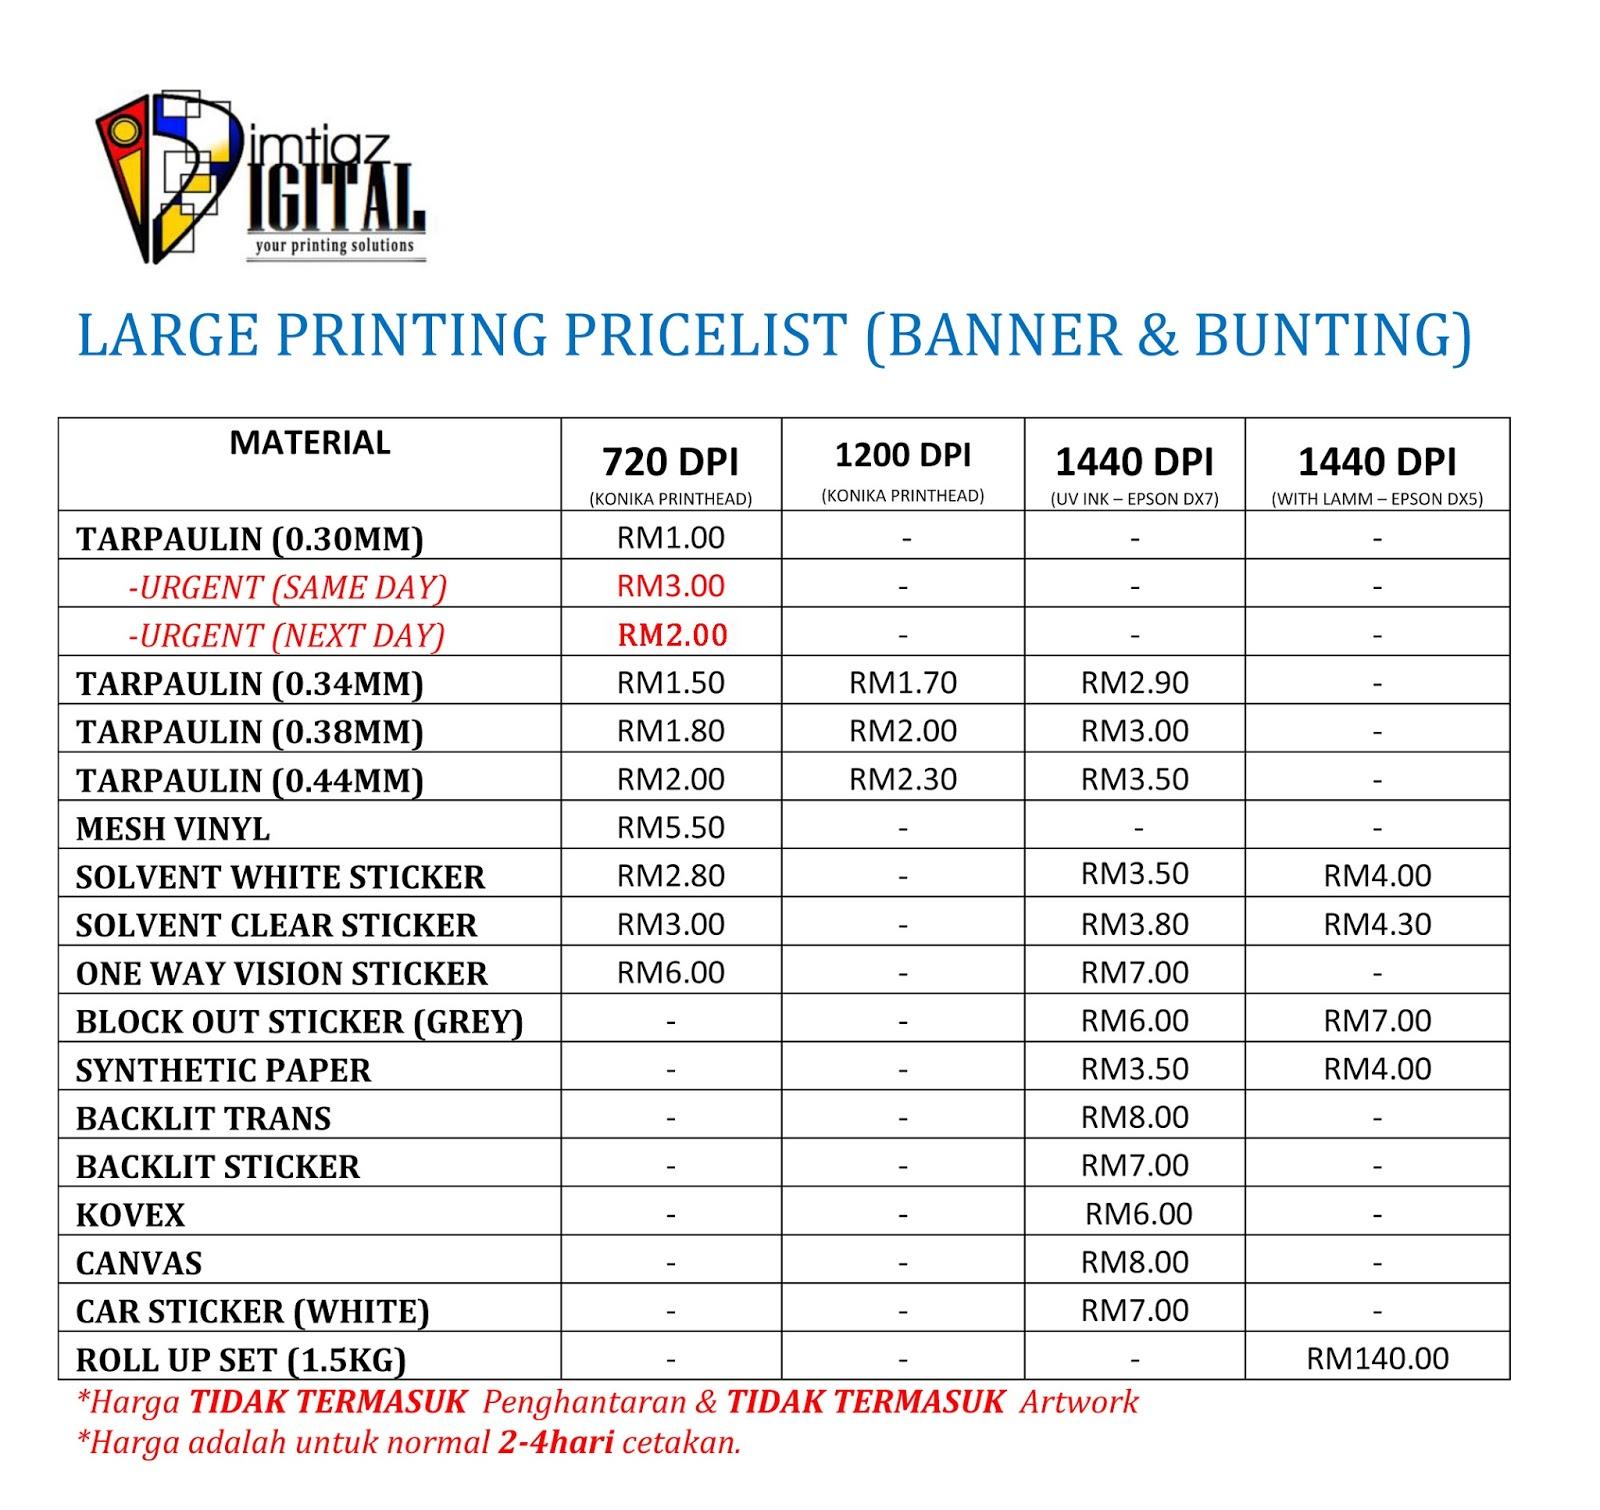 Banner Bunting Murah Dan Berkualiti Pricelist Imtiaz Digital